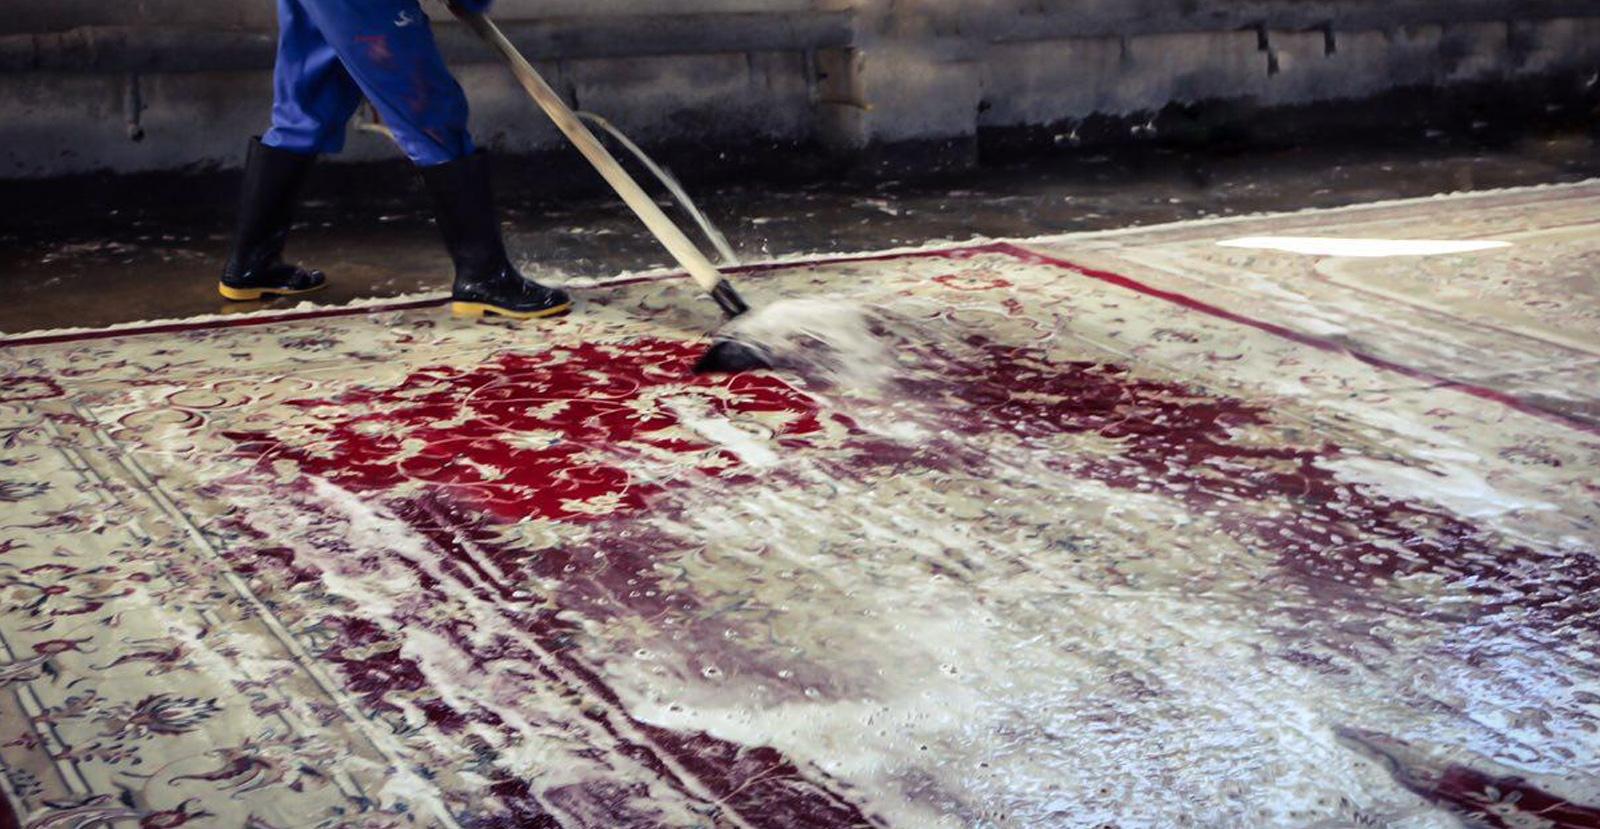 قالیشویی و خدمات شستشوی انواع فرش و قالی موکت و مبل تضمینی در سراسر تهران